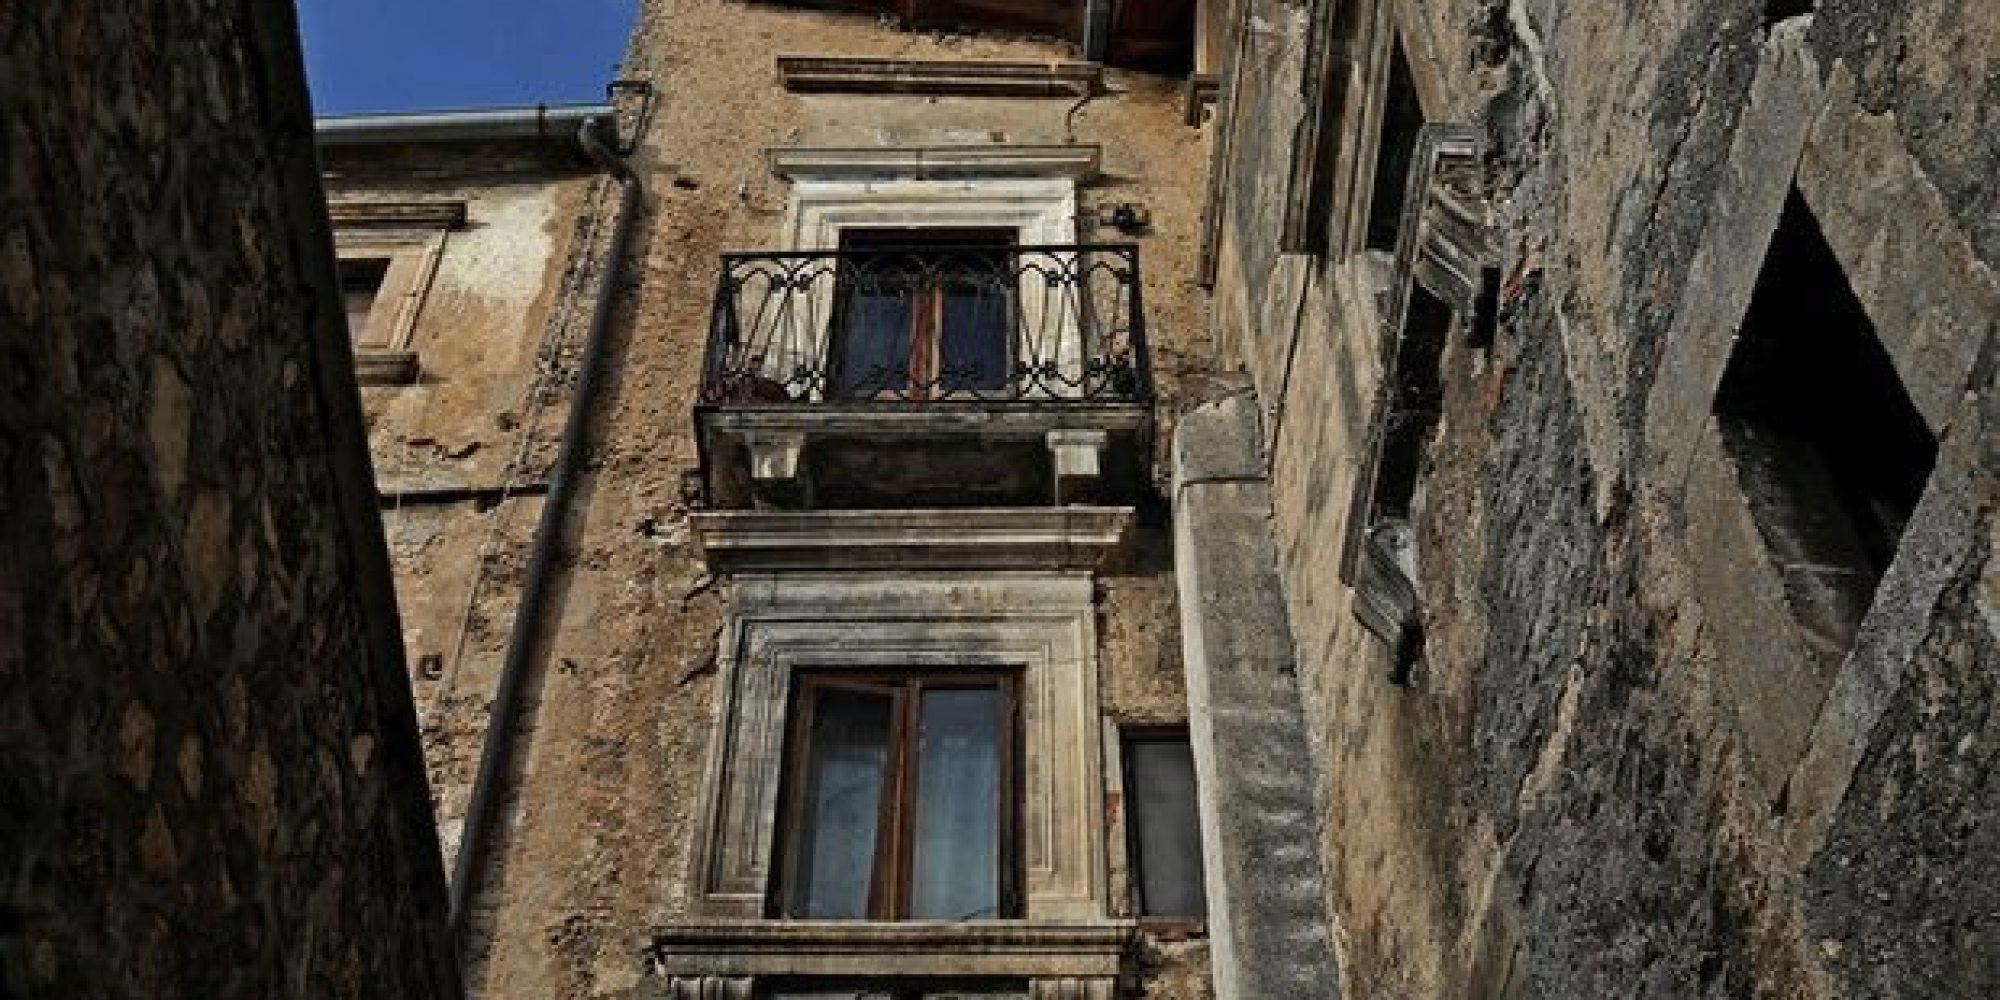 o SOCIAL MEDIA facebook - مدينة في ايطاليا تمنح المال  لمن ينتقل للعيش فيها